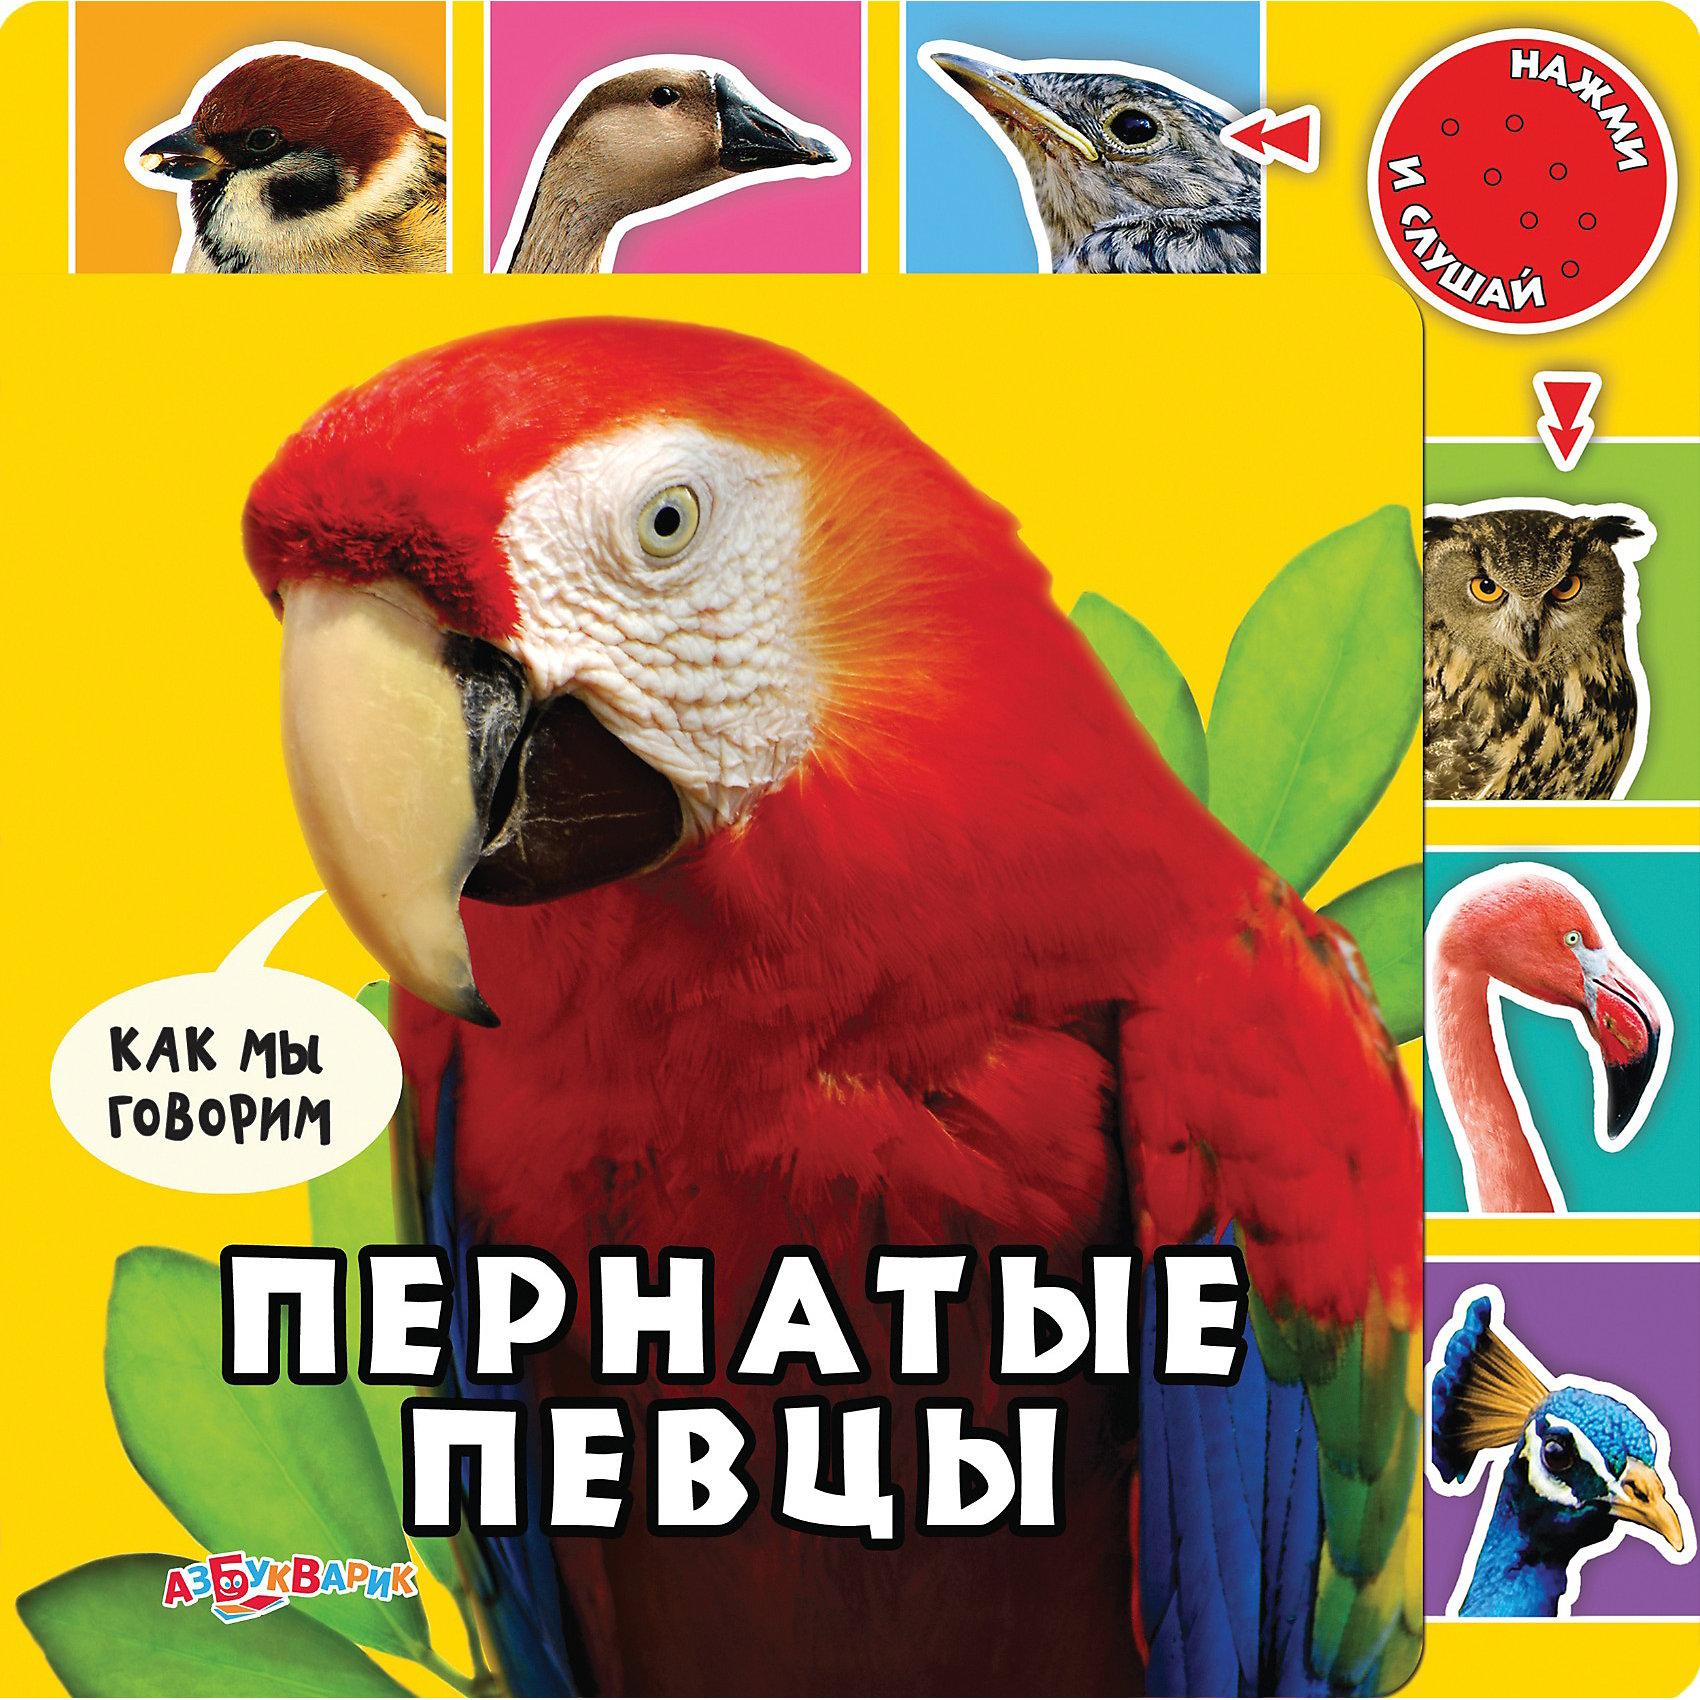 Азбукварик Книга с 6 кнопками Пернатые певцы азбукварик книга с 5 кнопками